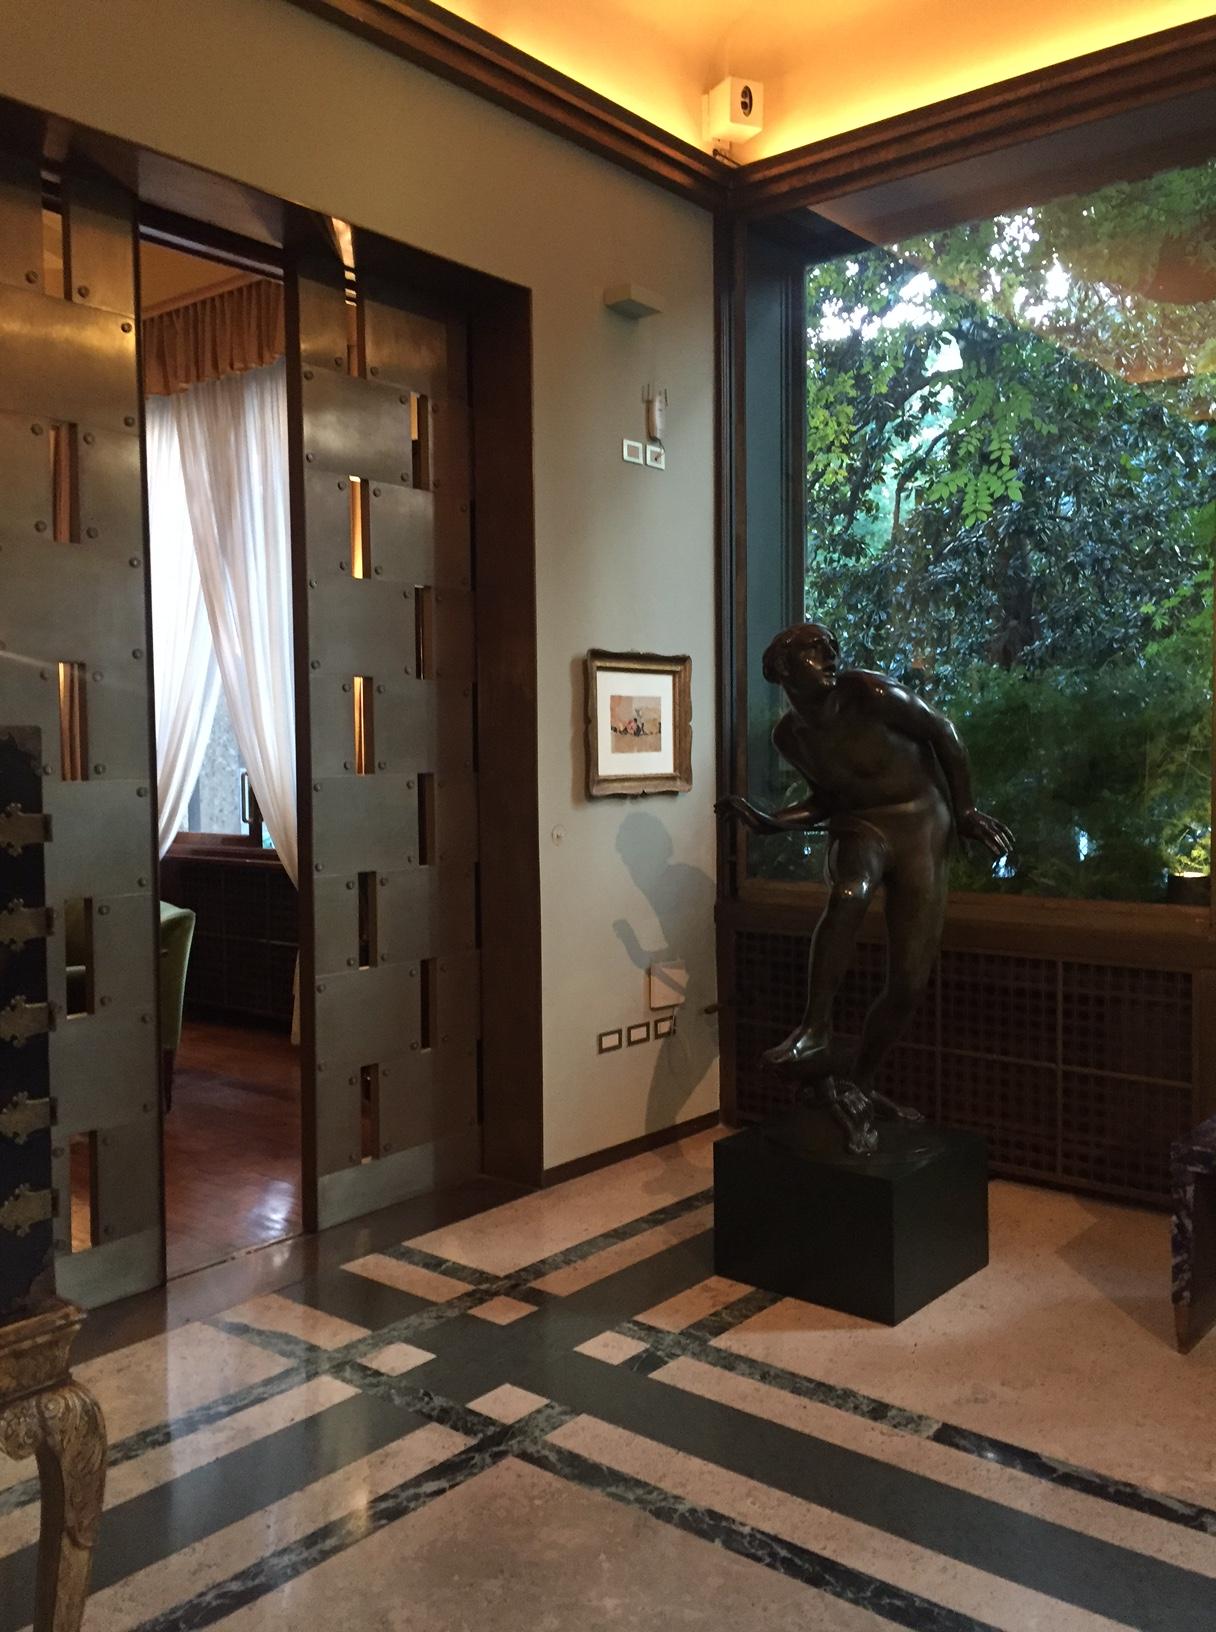 Villa necchi campiglio by piero portaluppi platform - Porch And Sliding Door Porch And Sliding Door At Villa Necchi Campiglio